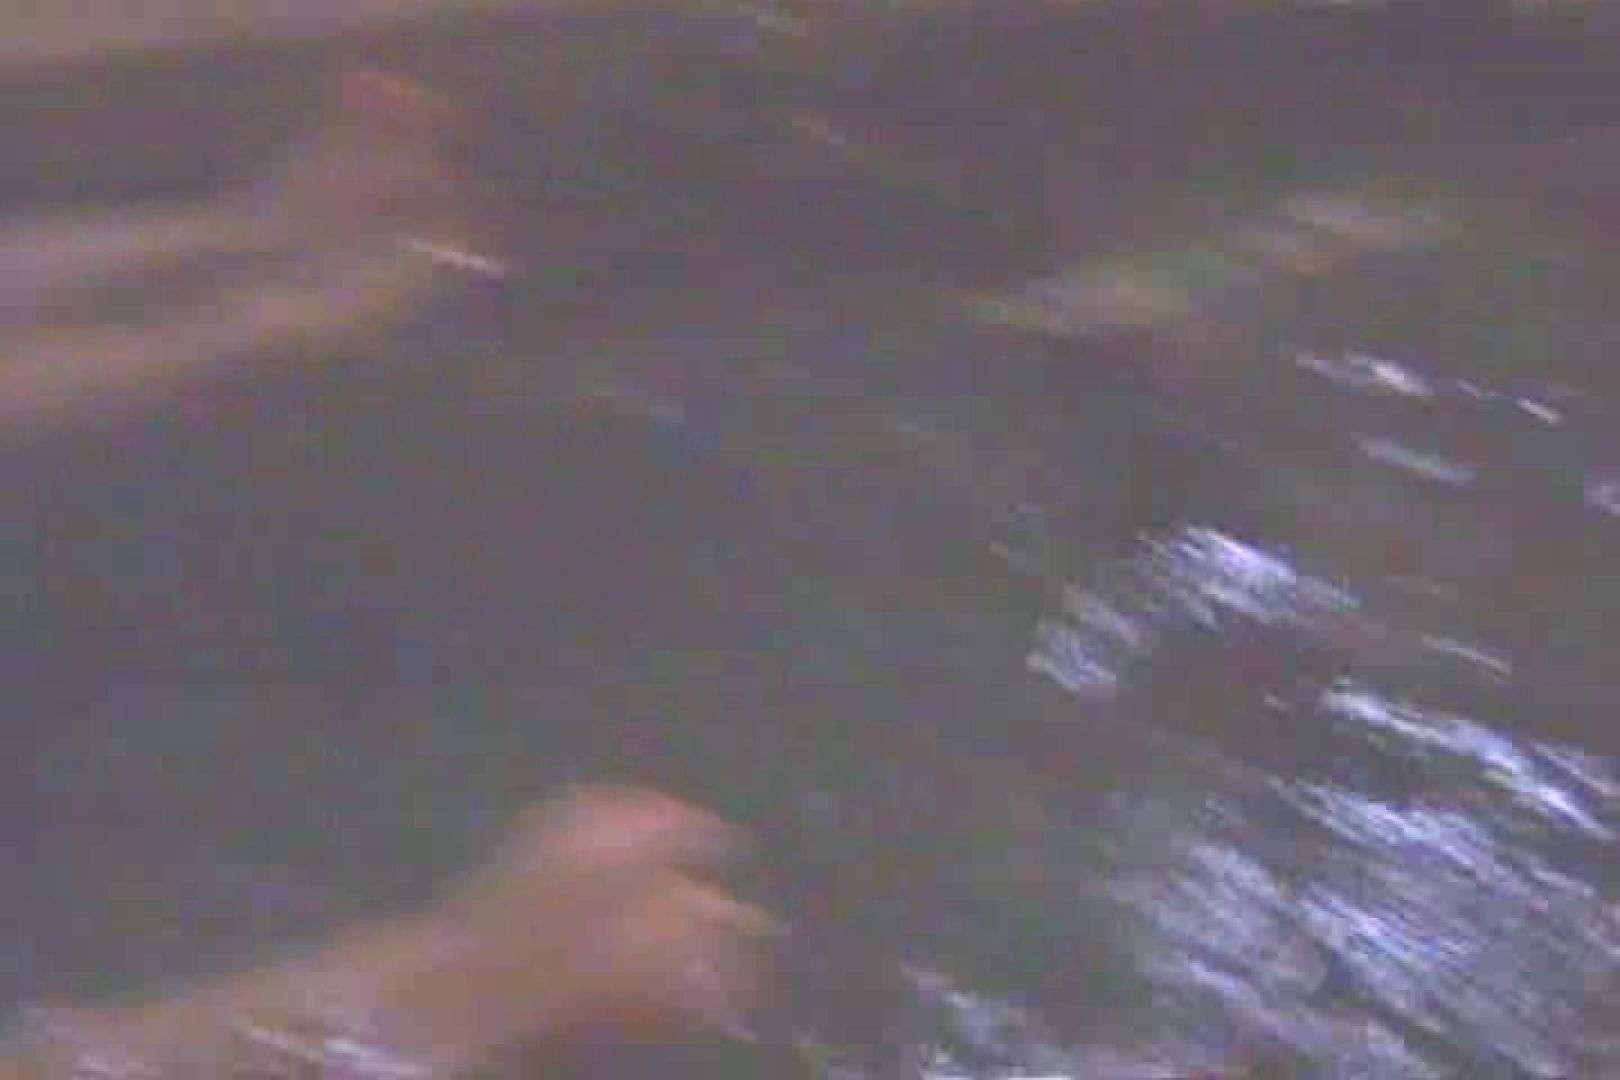 素人投稿シリーズ 盗撮 覗きの穴場 大浴場編 Vol.5 投稿 セックス画像 103画像 78